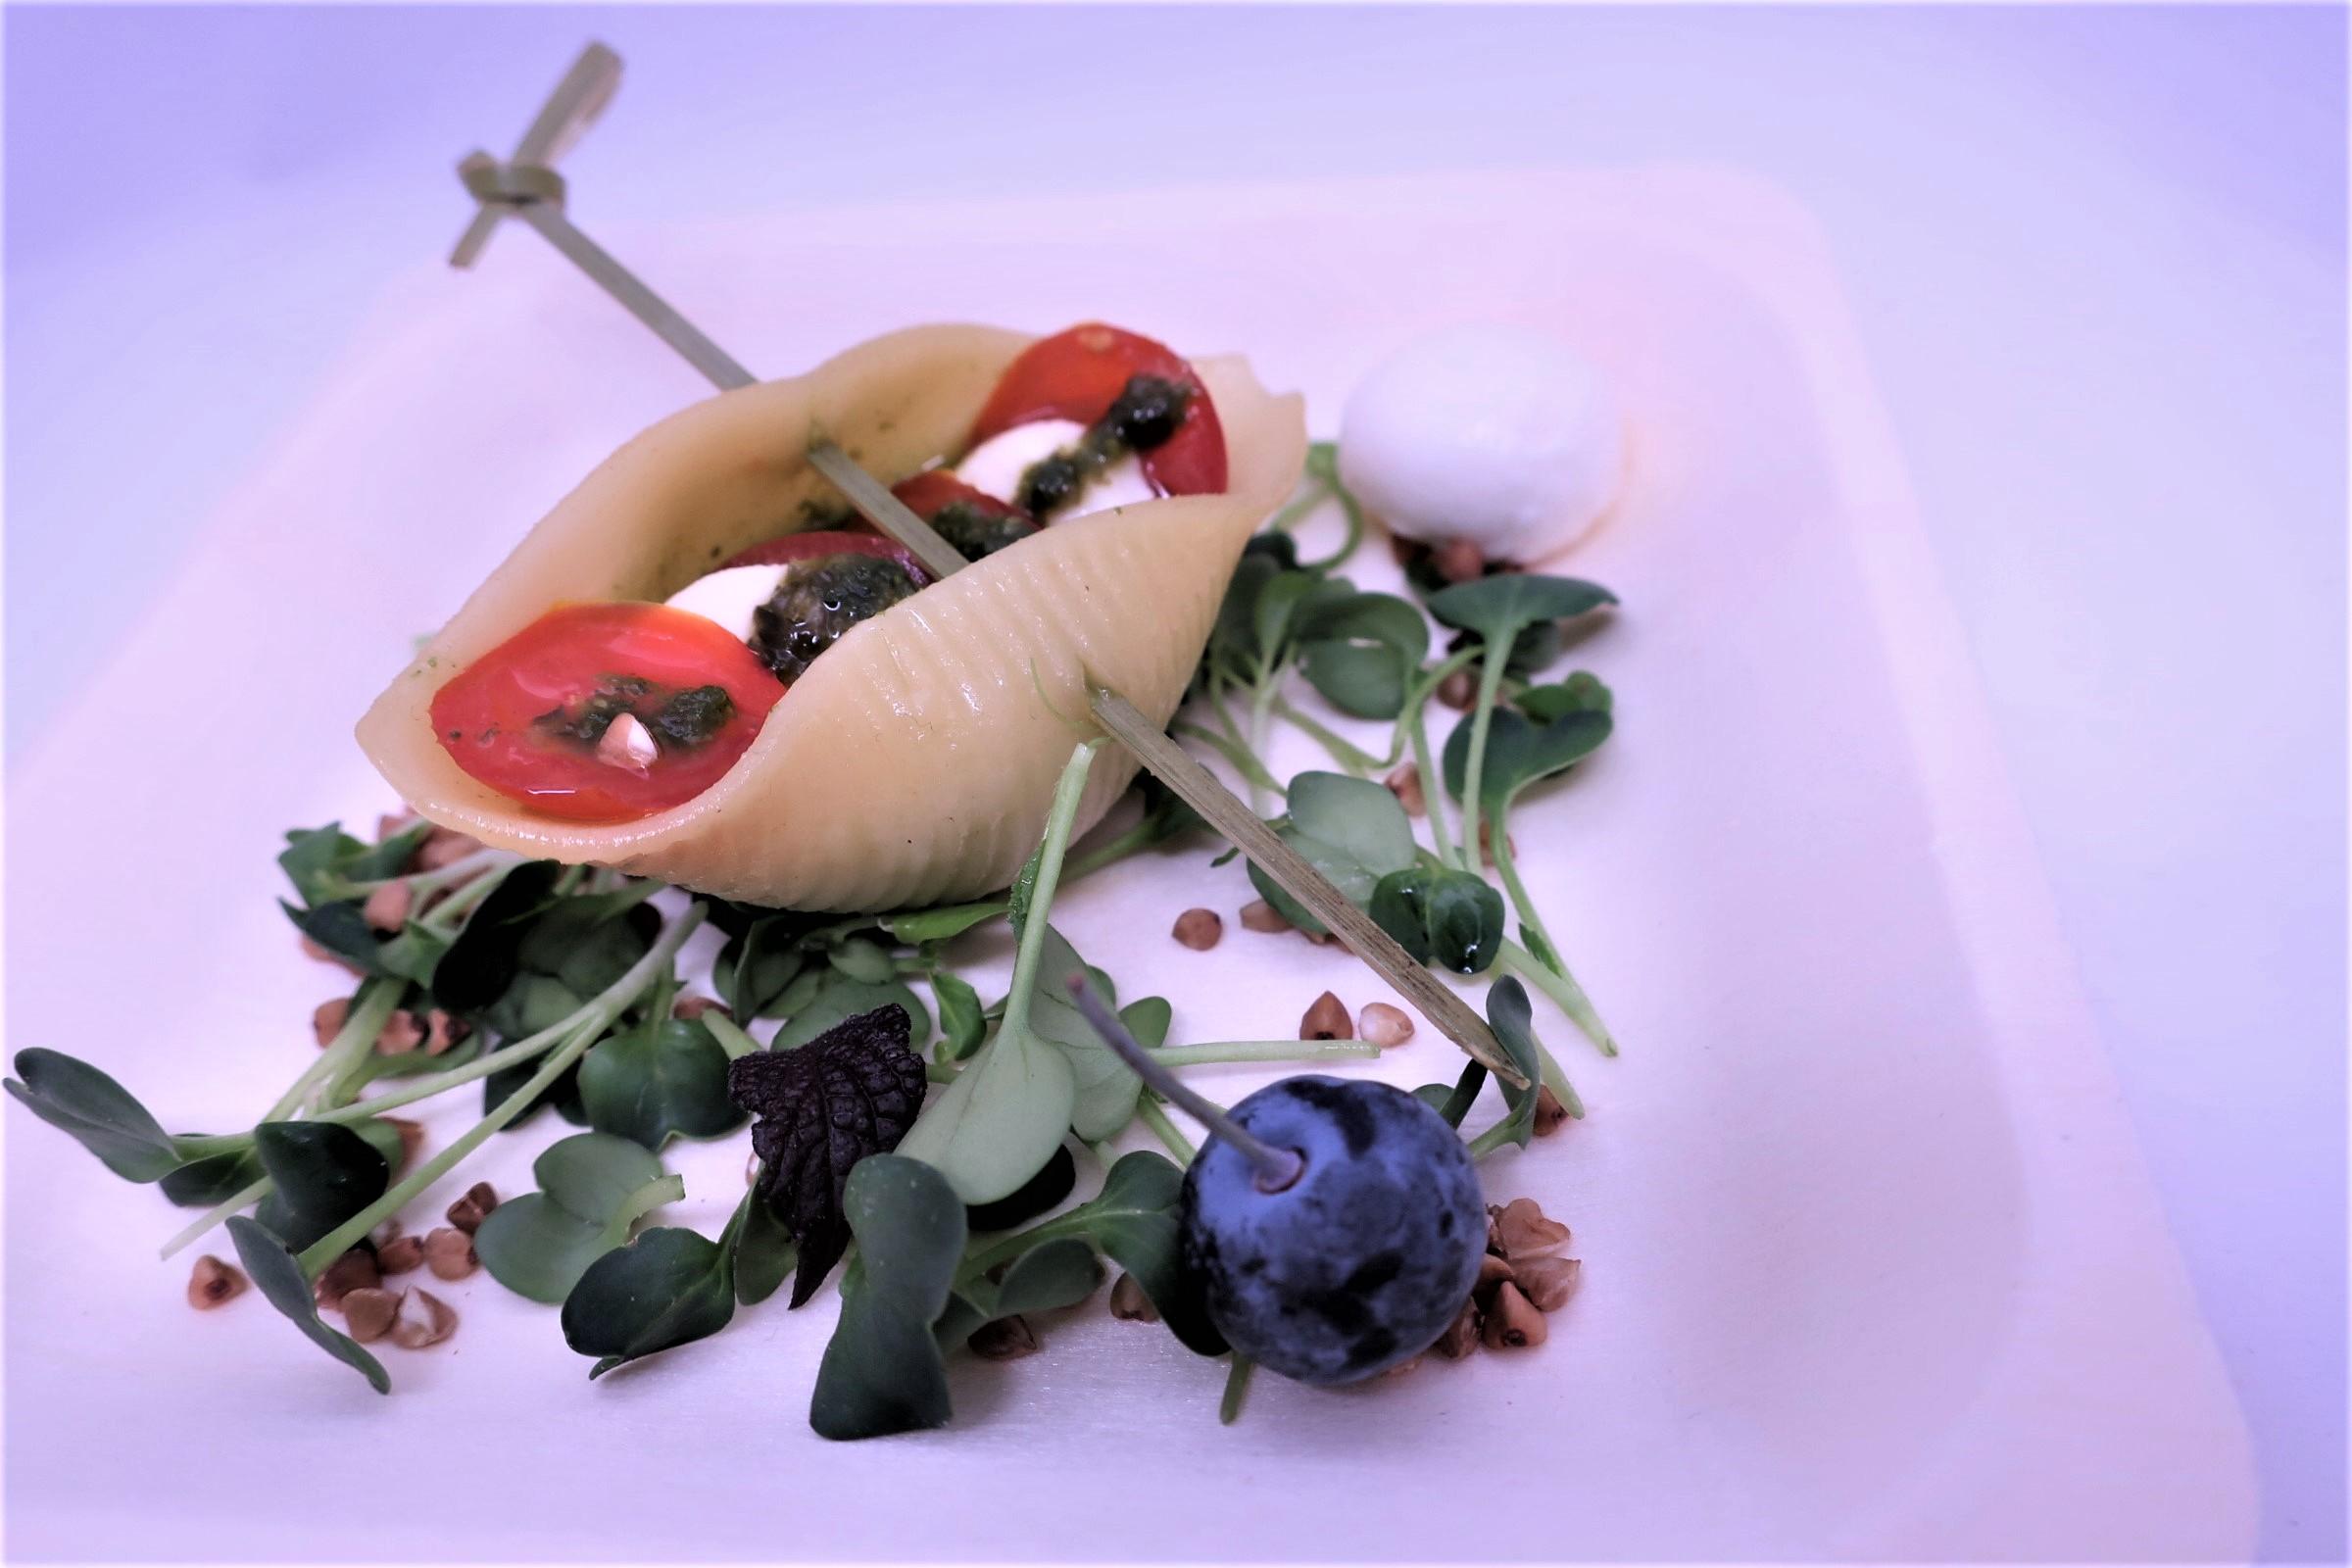 На шпажке: Мини паста ракушка-капрезе с домашним соусом Песто